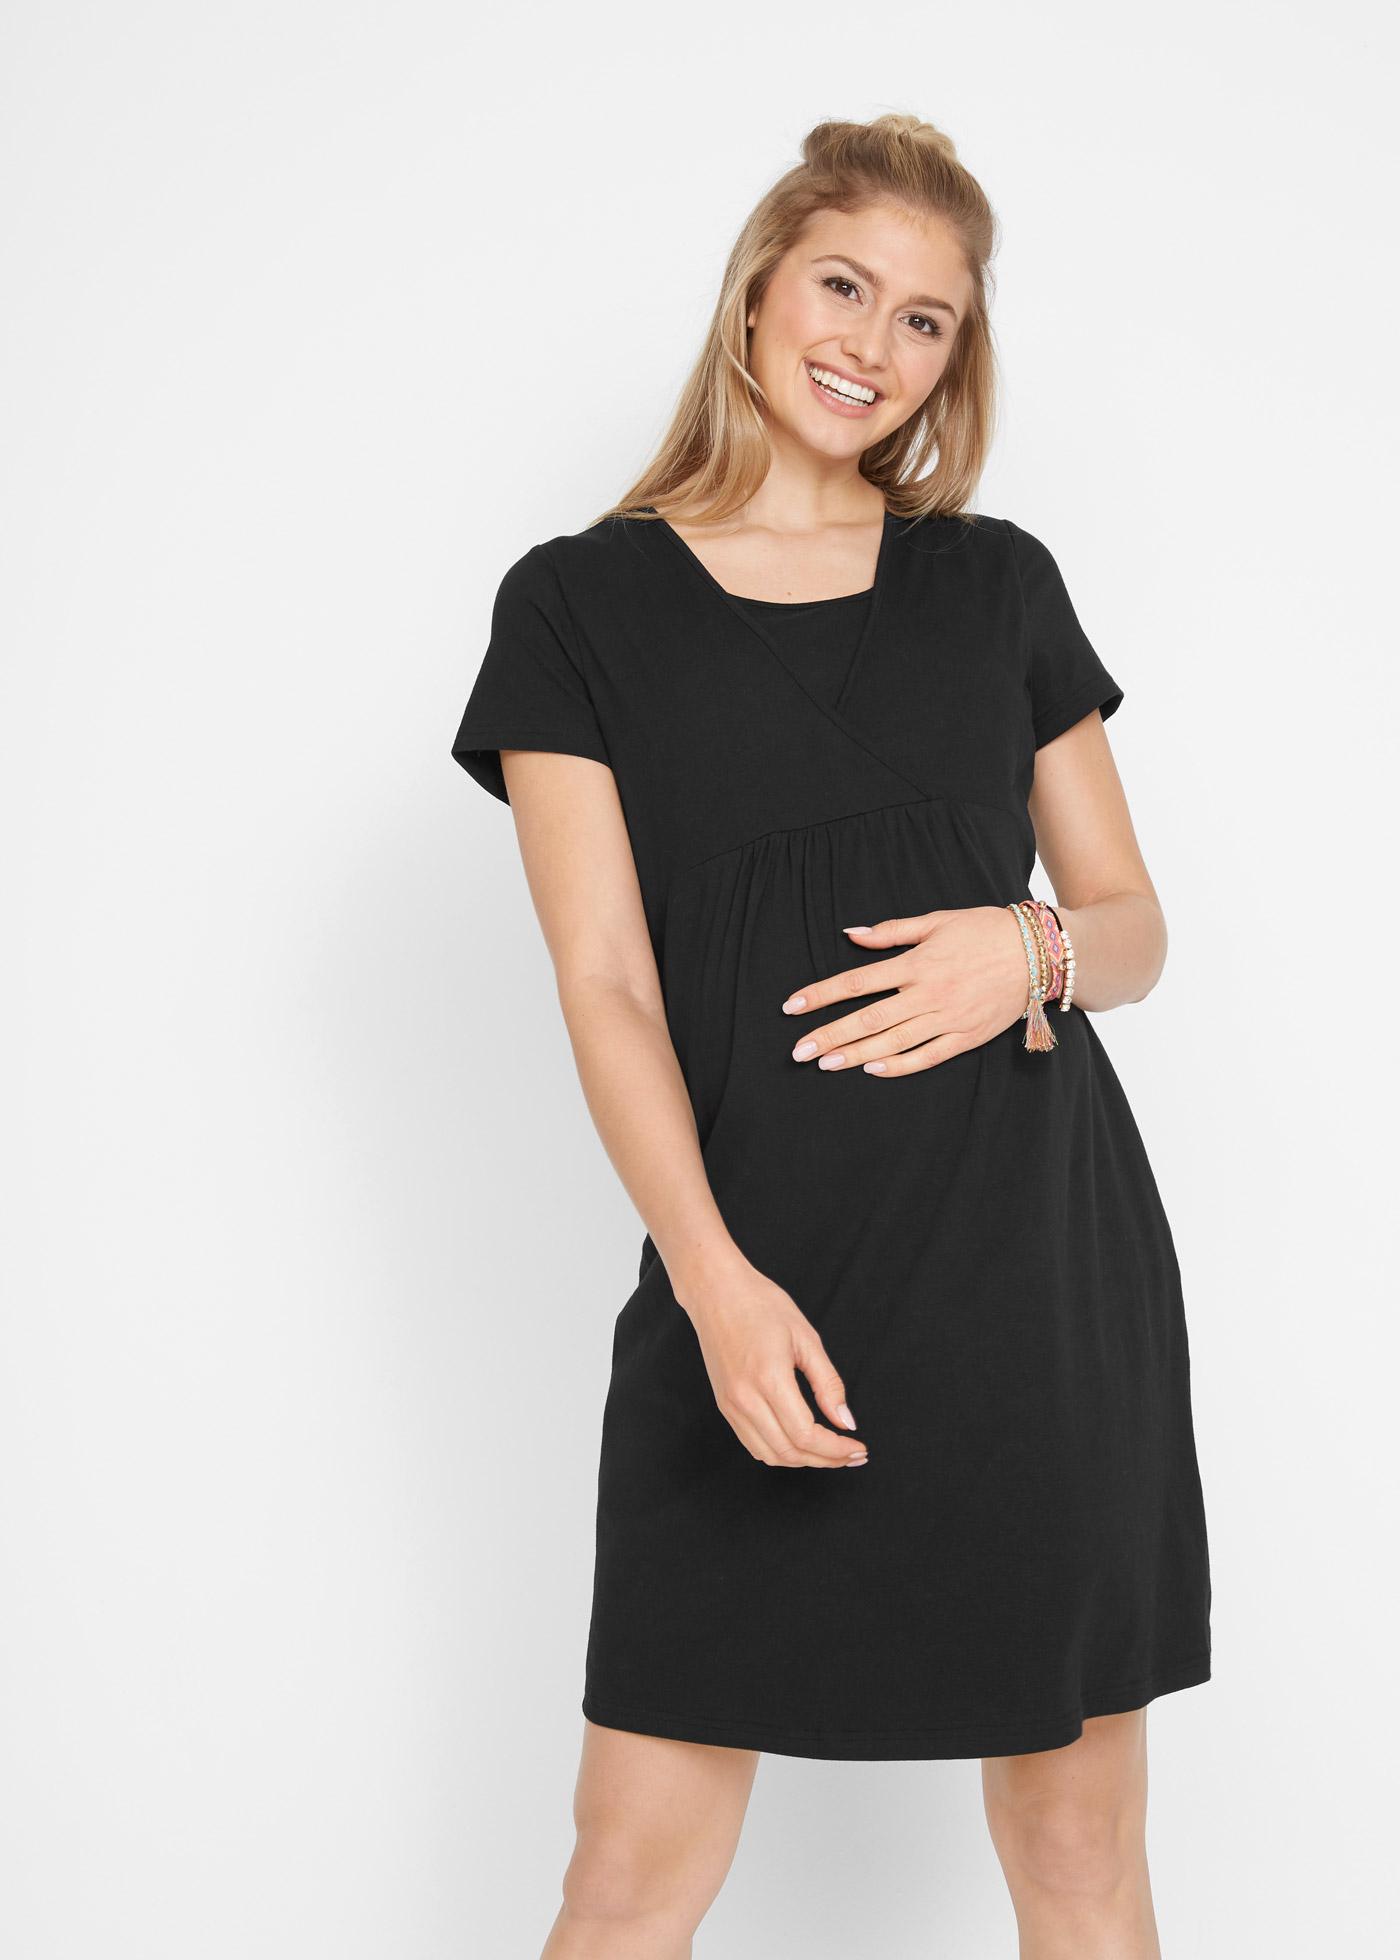 1caf1cba1f92d3 Zwangerschapsmode jurken kopen  Vergelijk eerst de prijzen.